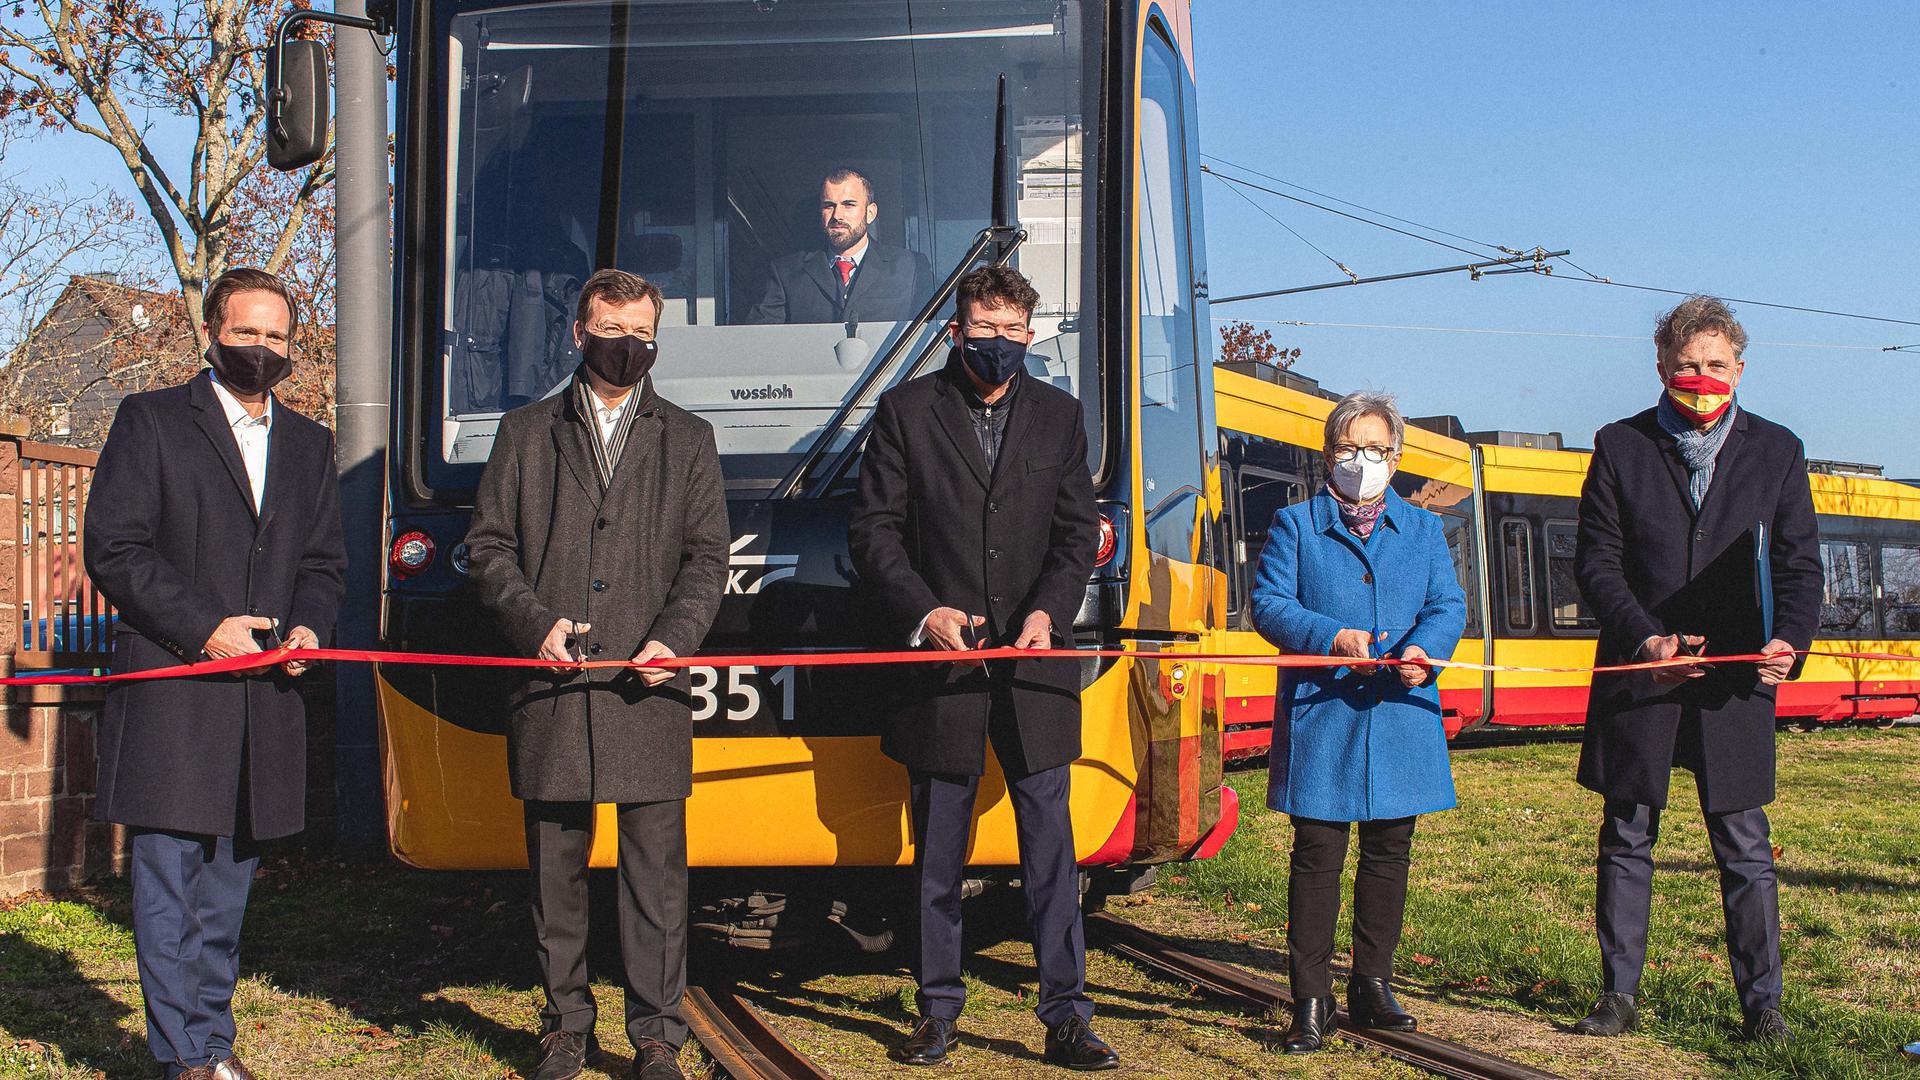 Das Projekt ist besiegelt: An der Wendeschleife im Karlsruher Stadtteil Knielingen beenden am Samstag die Verantwortlichen der Verkehrsbetriebe Karlsruhe und der Stadt Karlsruhe das Tram-Vorhaben. Die Linie 2 hat ihre Jungernfahrt ab Knielingen-Nord.